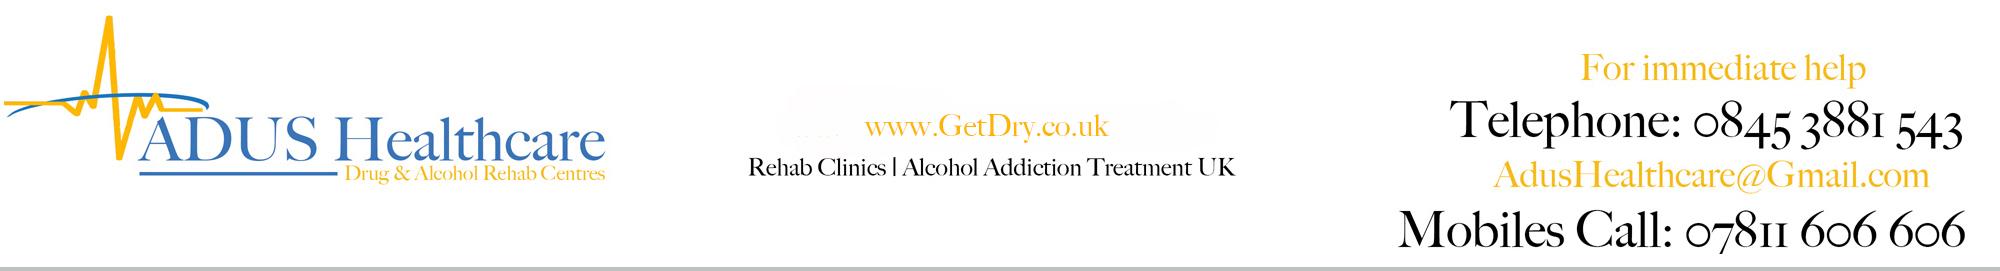 Get Dry Alcohol Detox